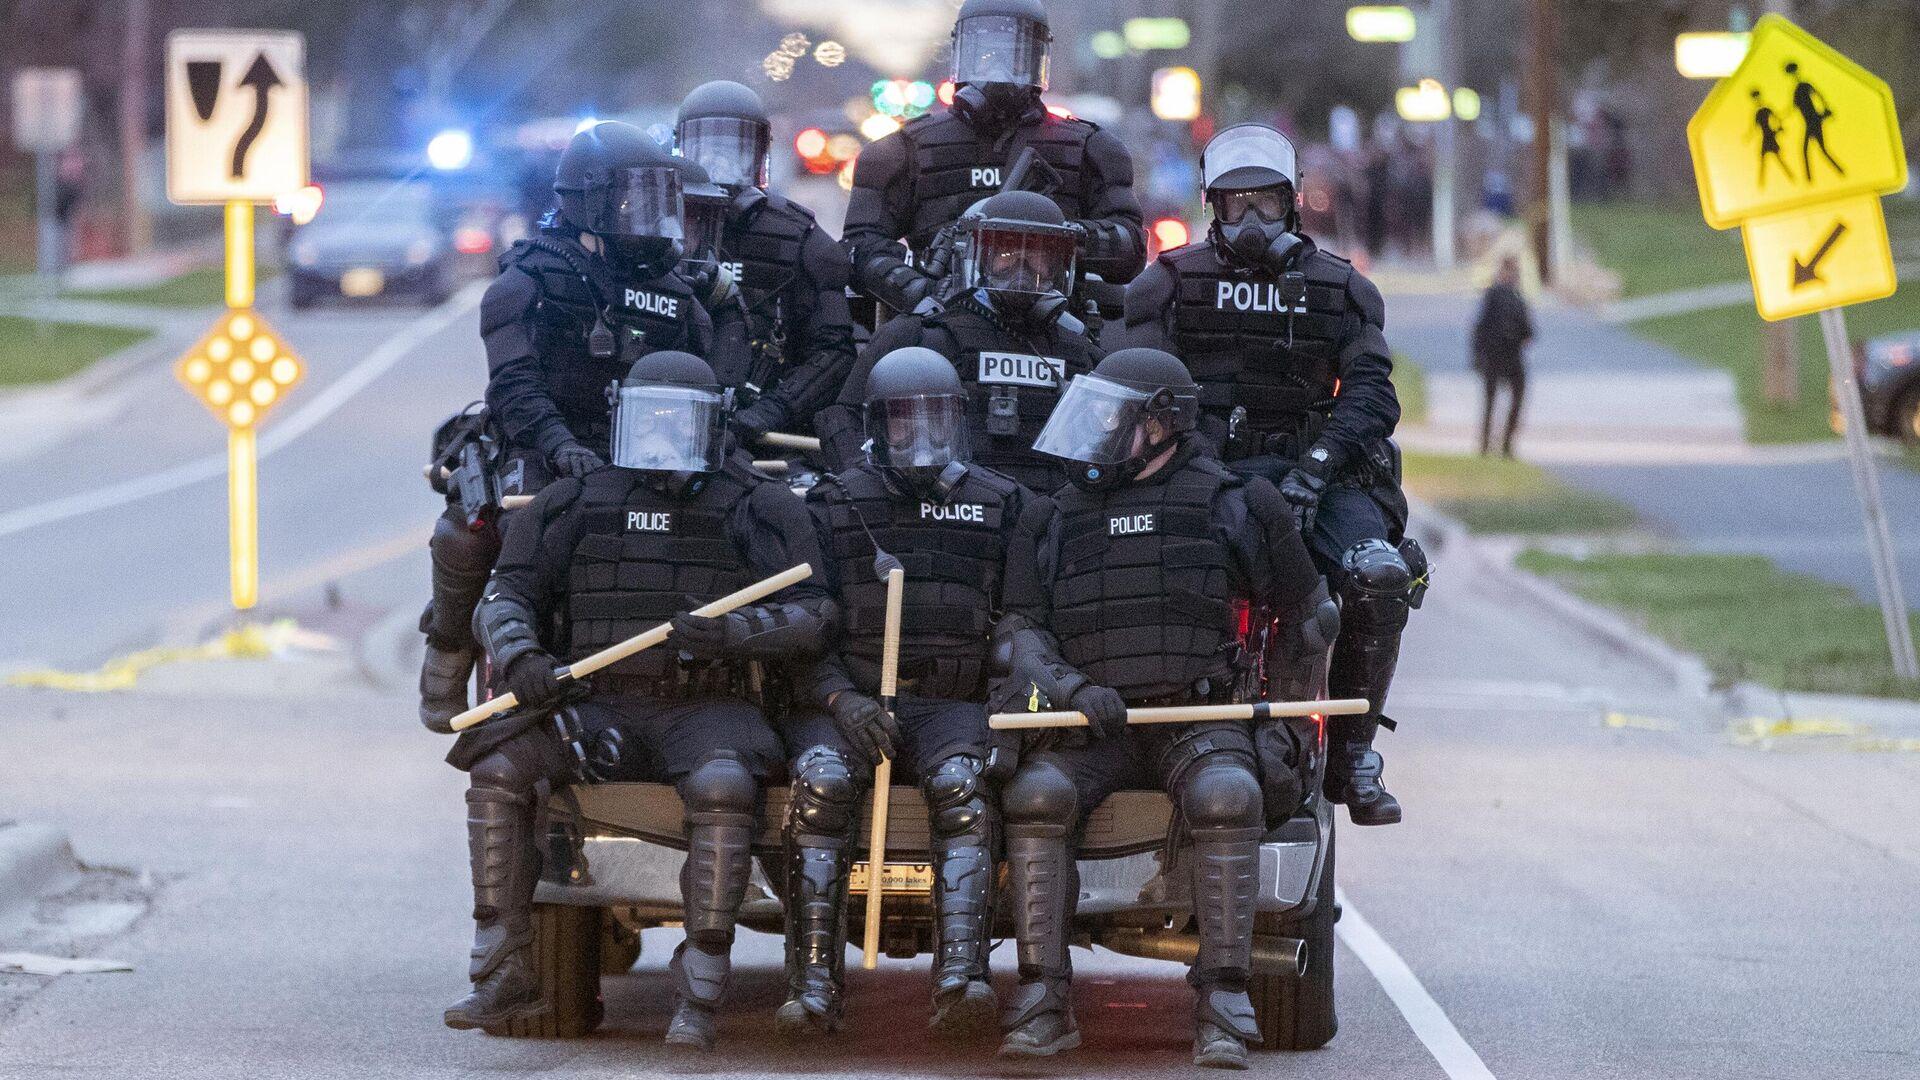 Полицейские во время акций протеста после убийства Данте Райта в центре города Бруклин-Сентер в штате Миннесота, США - РИА Новости, 1920, 07.06.2021